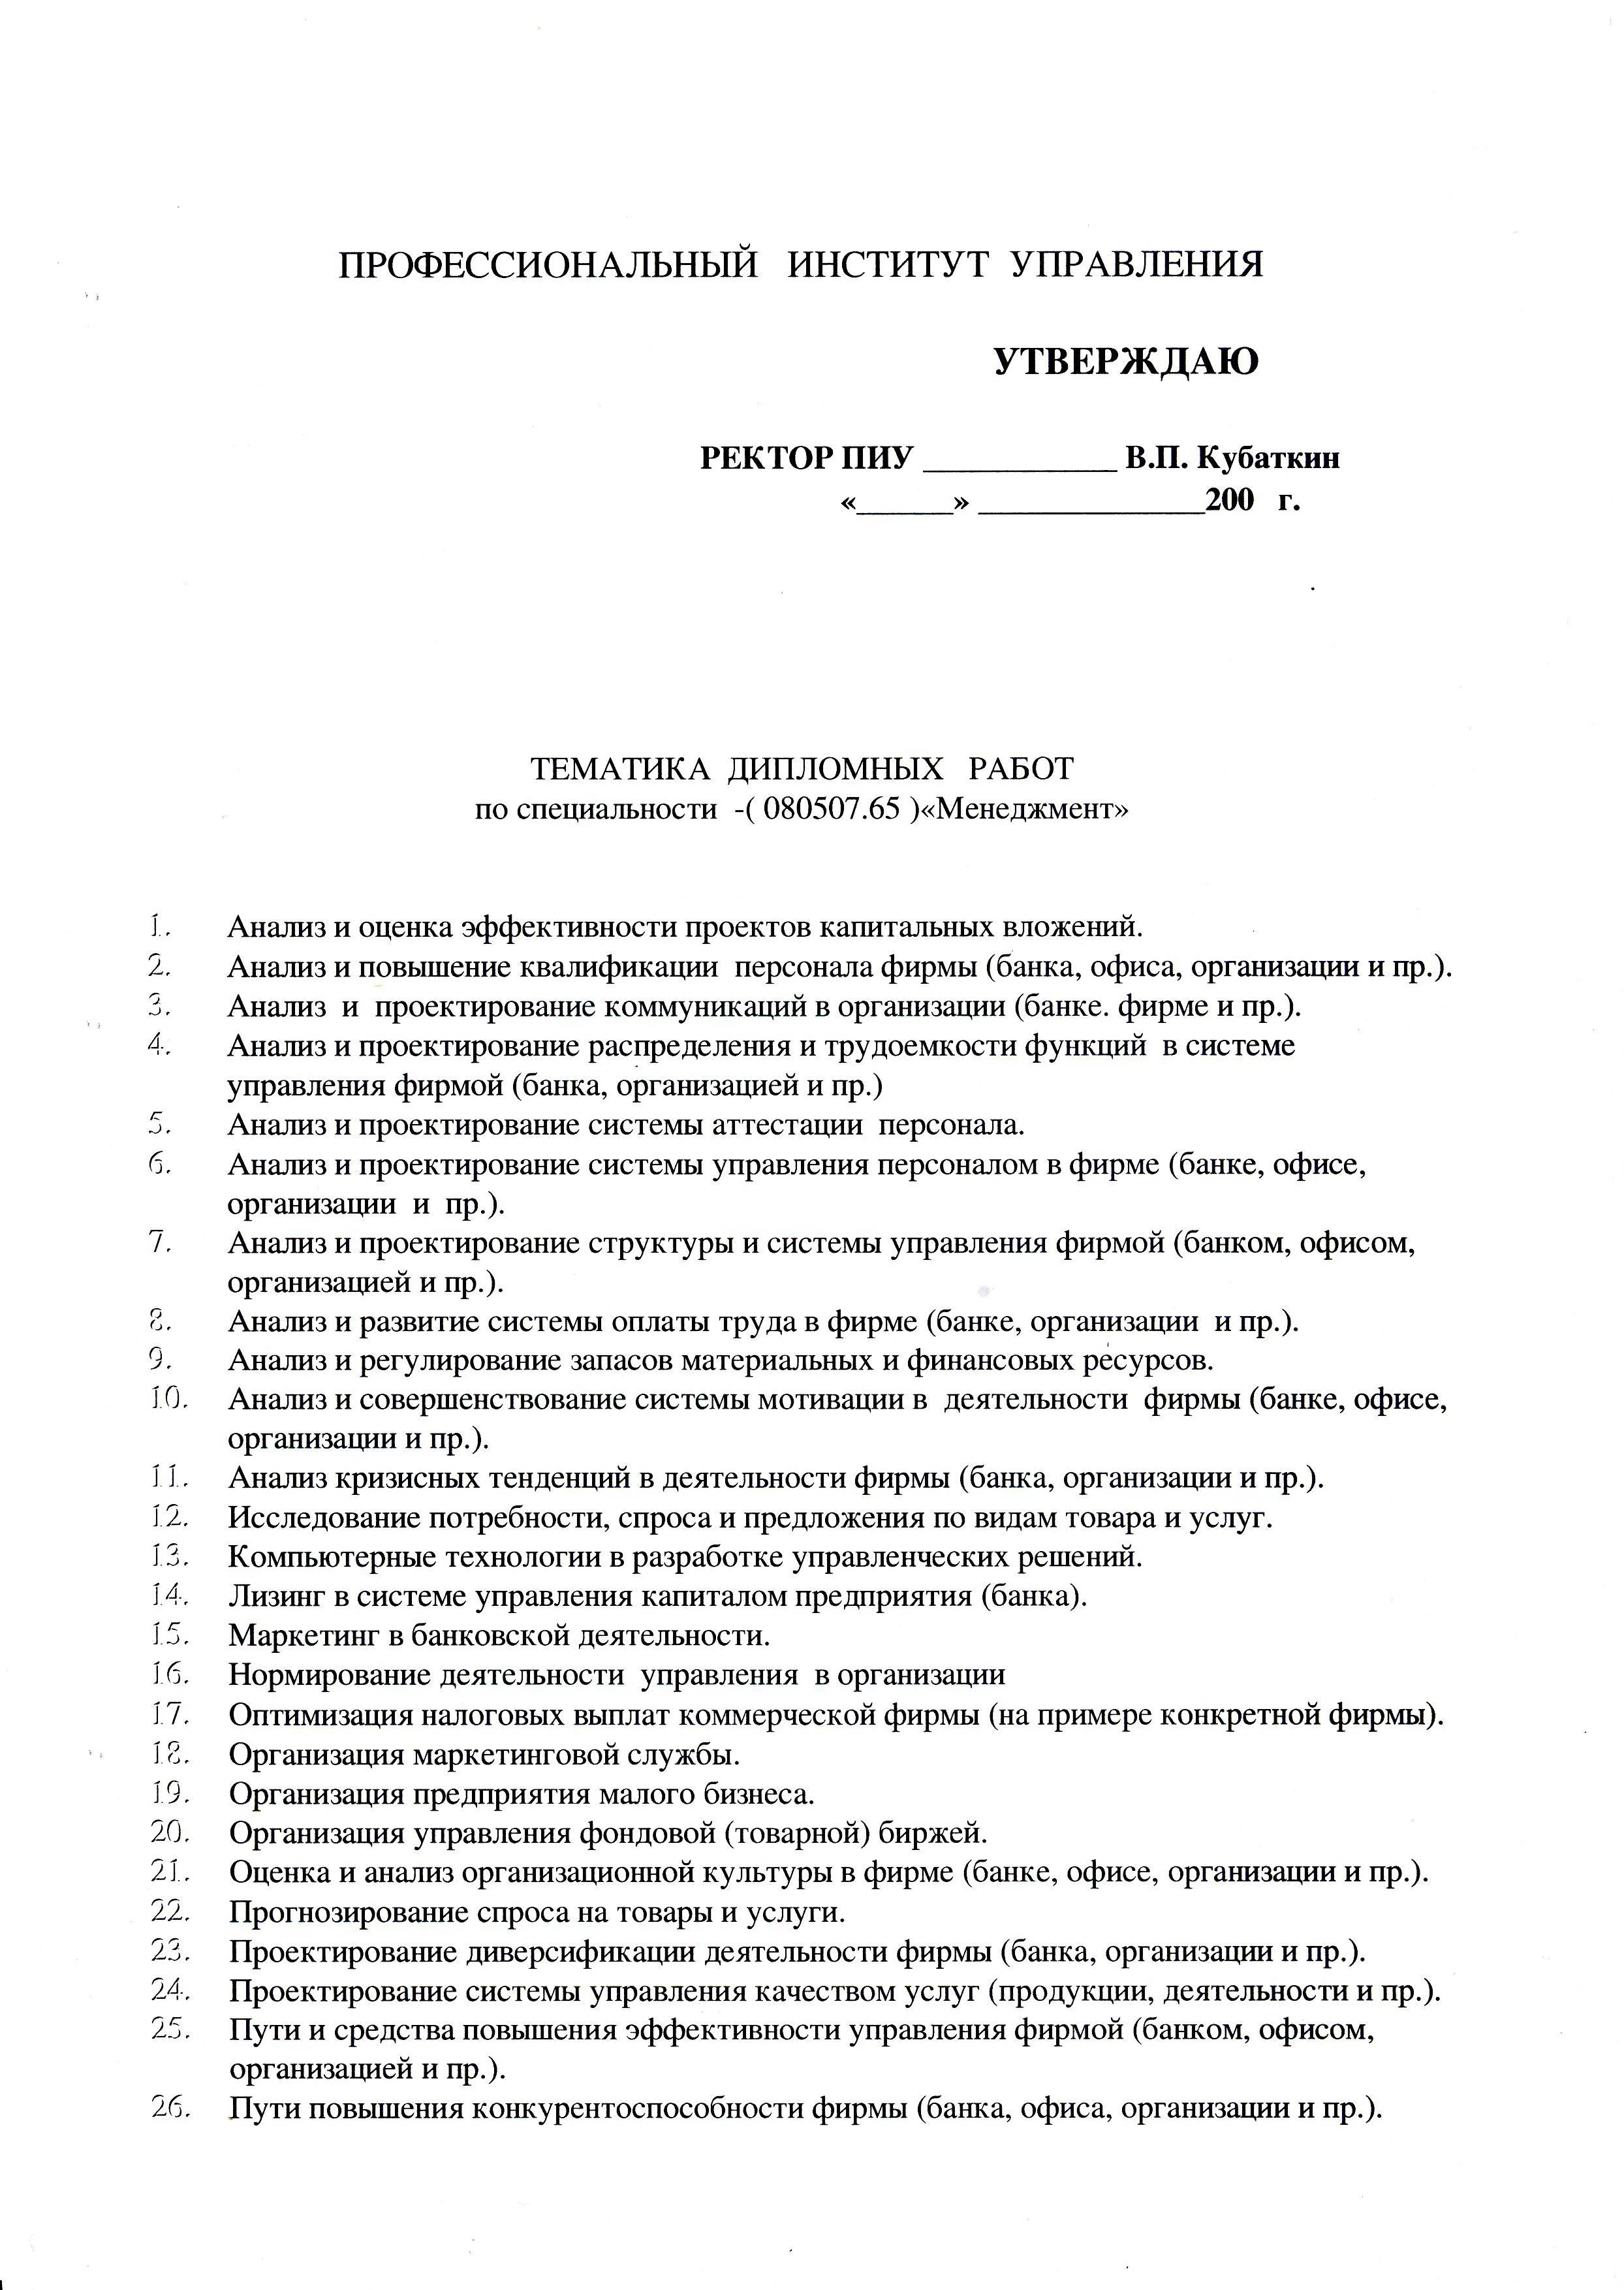 Реферат для нуба Другие документы  Темы дипломных работ 1 лист